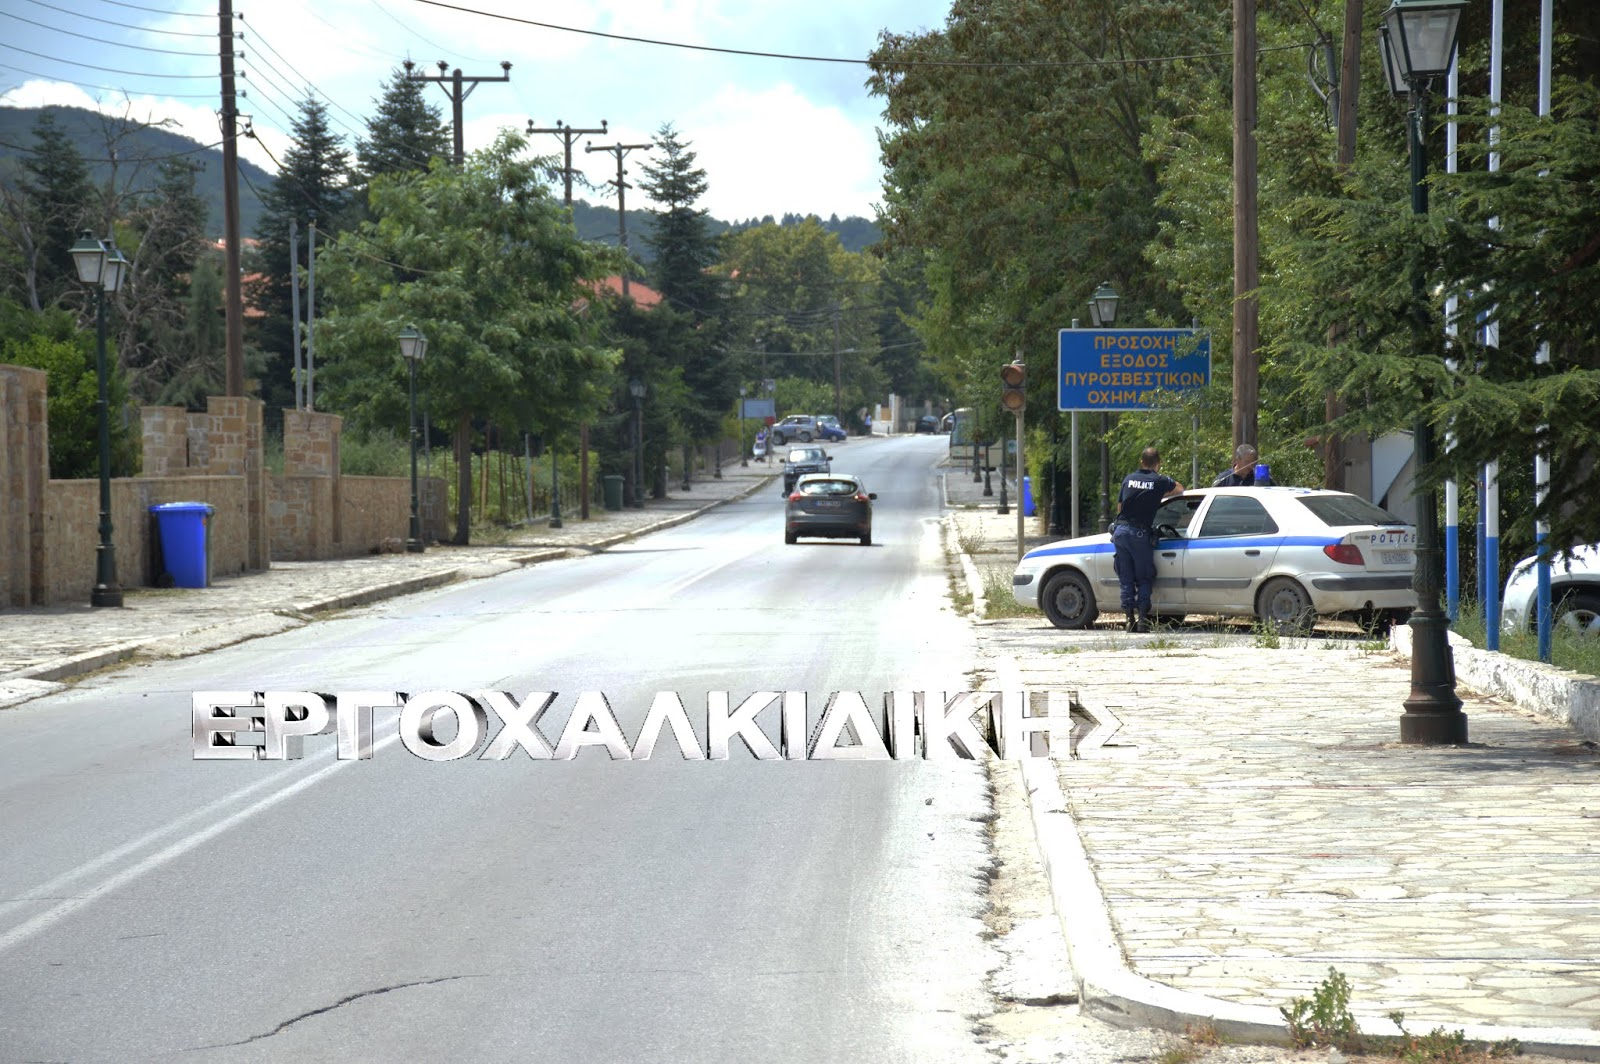 Τρεις Ρουμάνοι συνελήφθησαν για κλοπές σε επιχειρήσεις στη Χαλκιδική